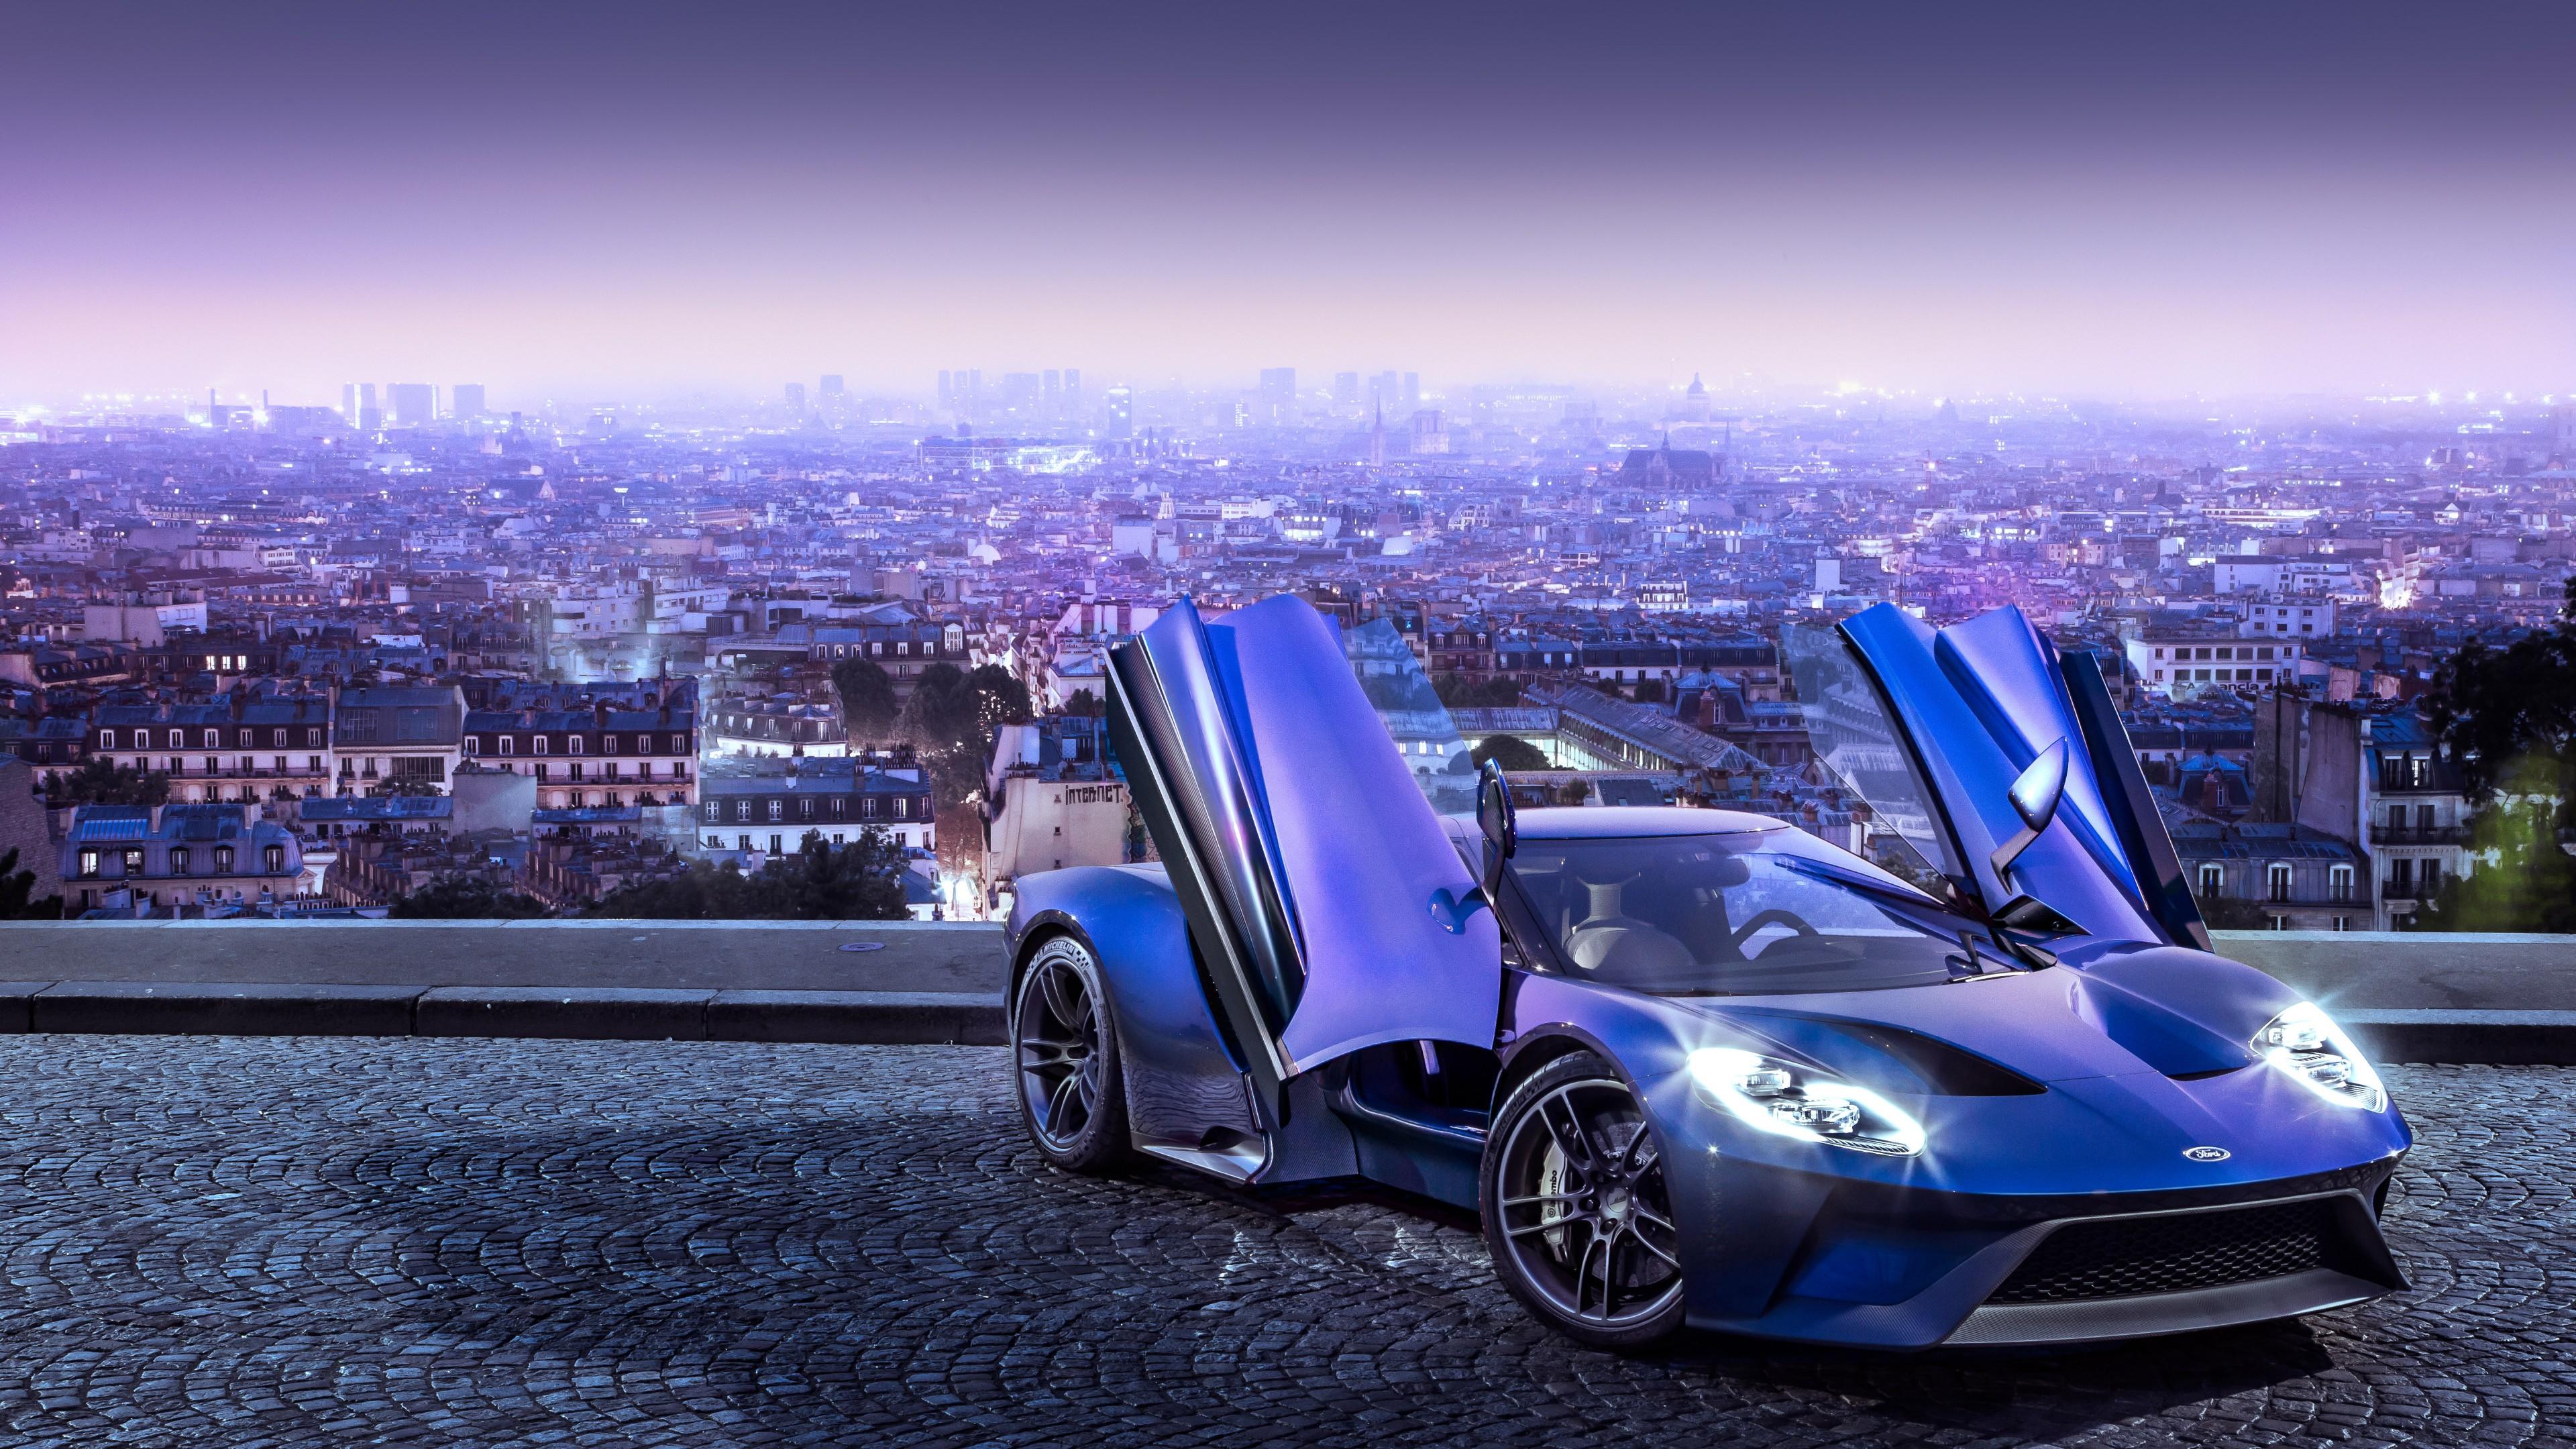 Синий спортивный автомобиль с крыльями и блестящей оптикой фонарей